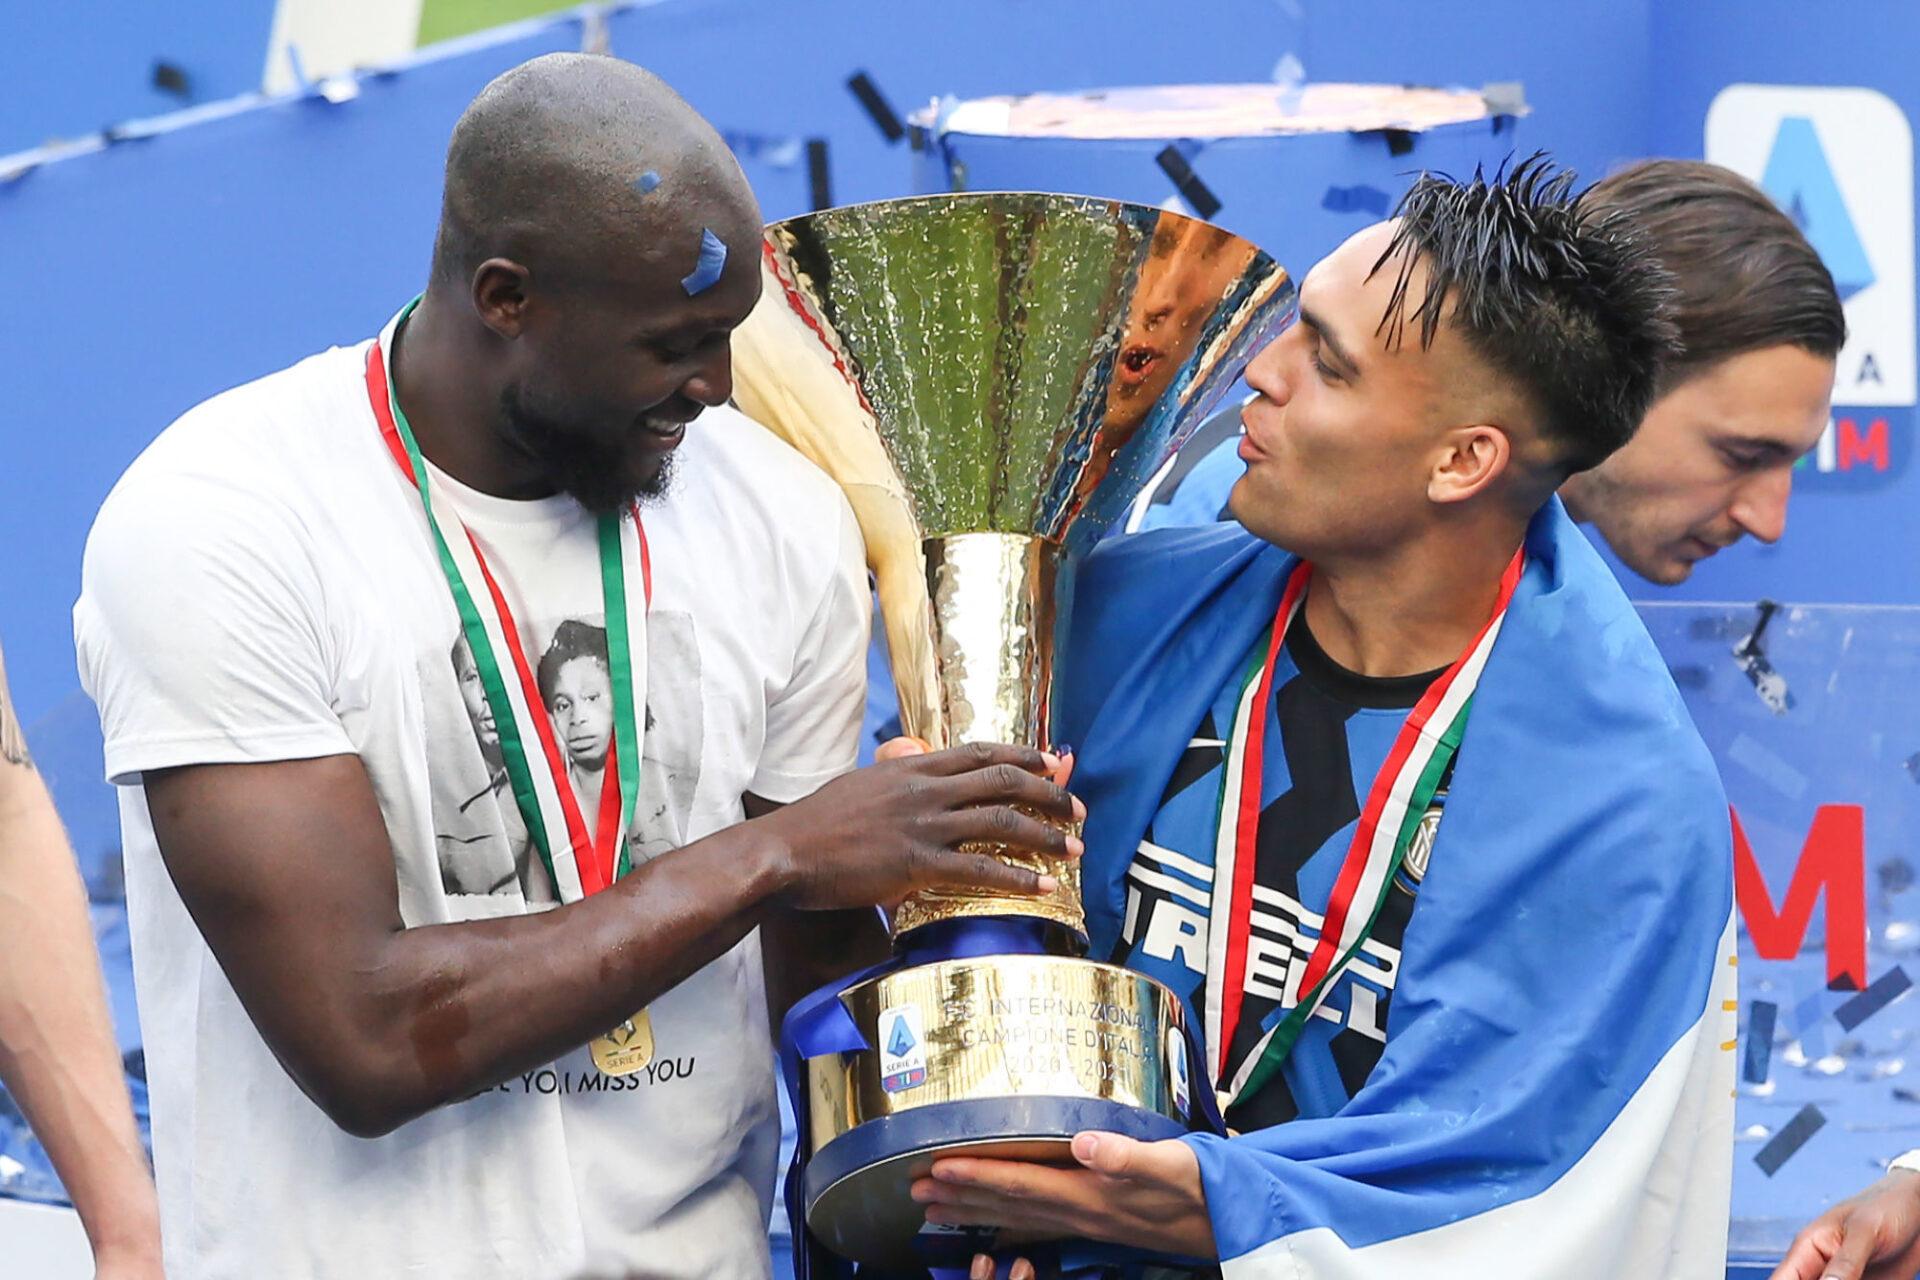 Romelu Lukaku a rejoint Chelsea après son titre de champion d'Italie avec l'Inter la saison dernière. Icon Sport